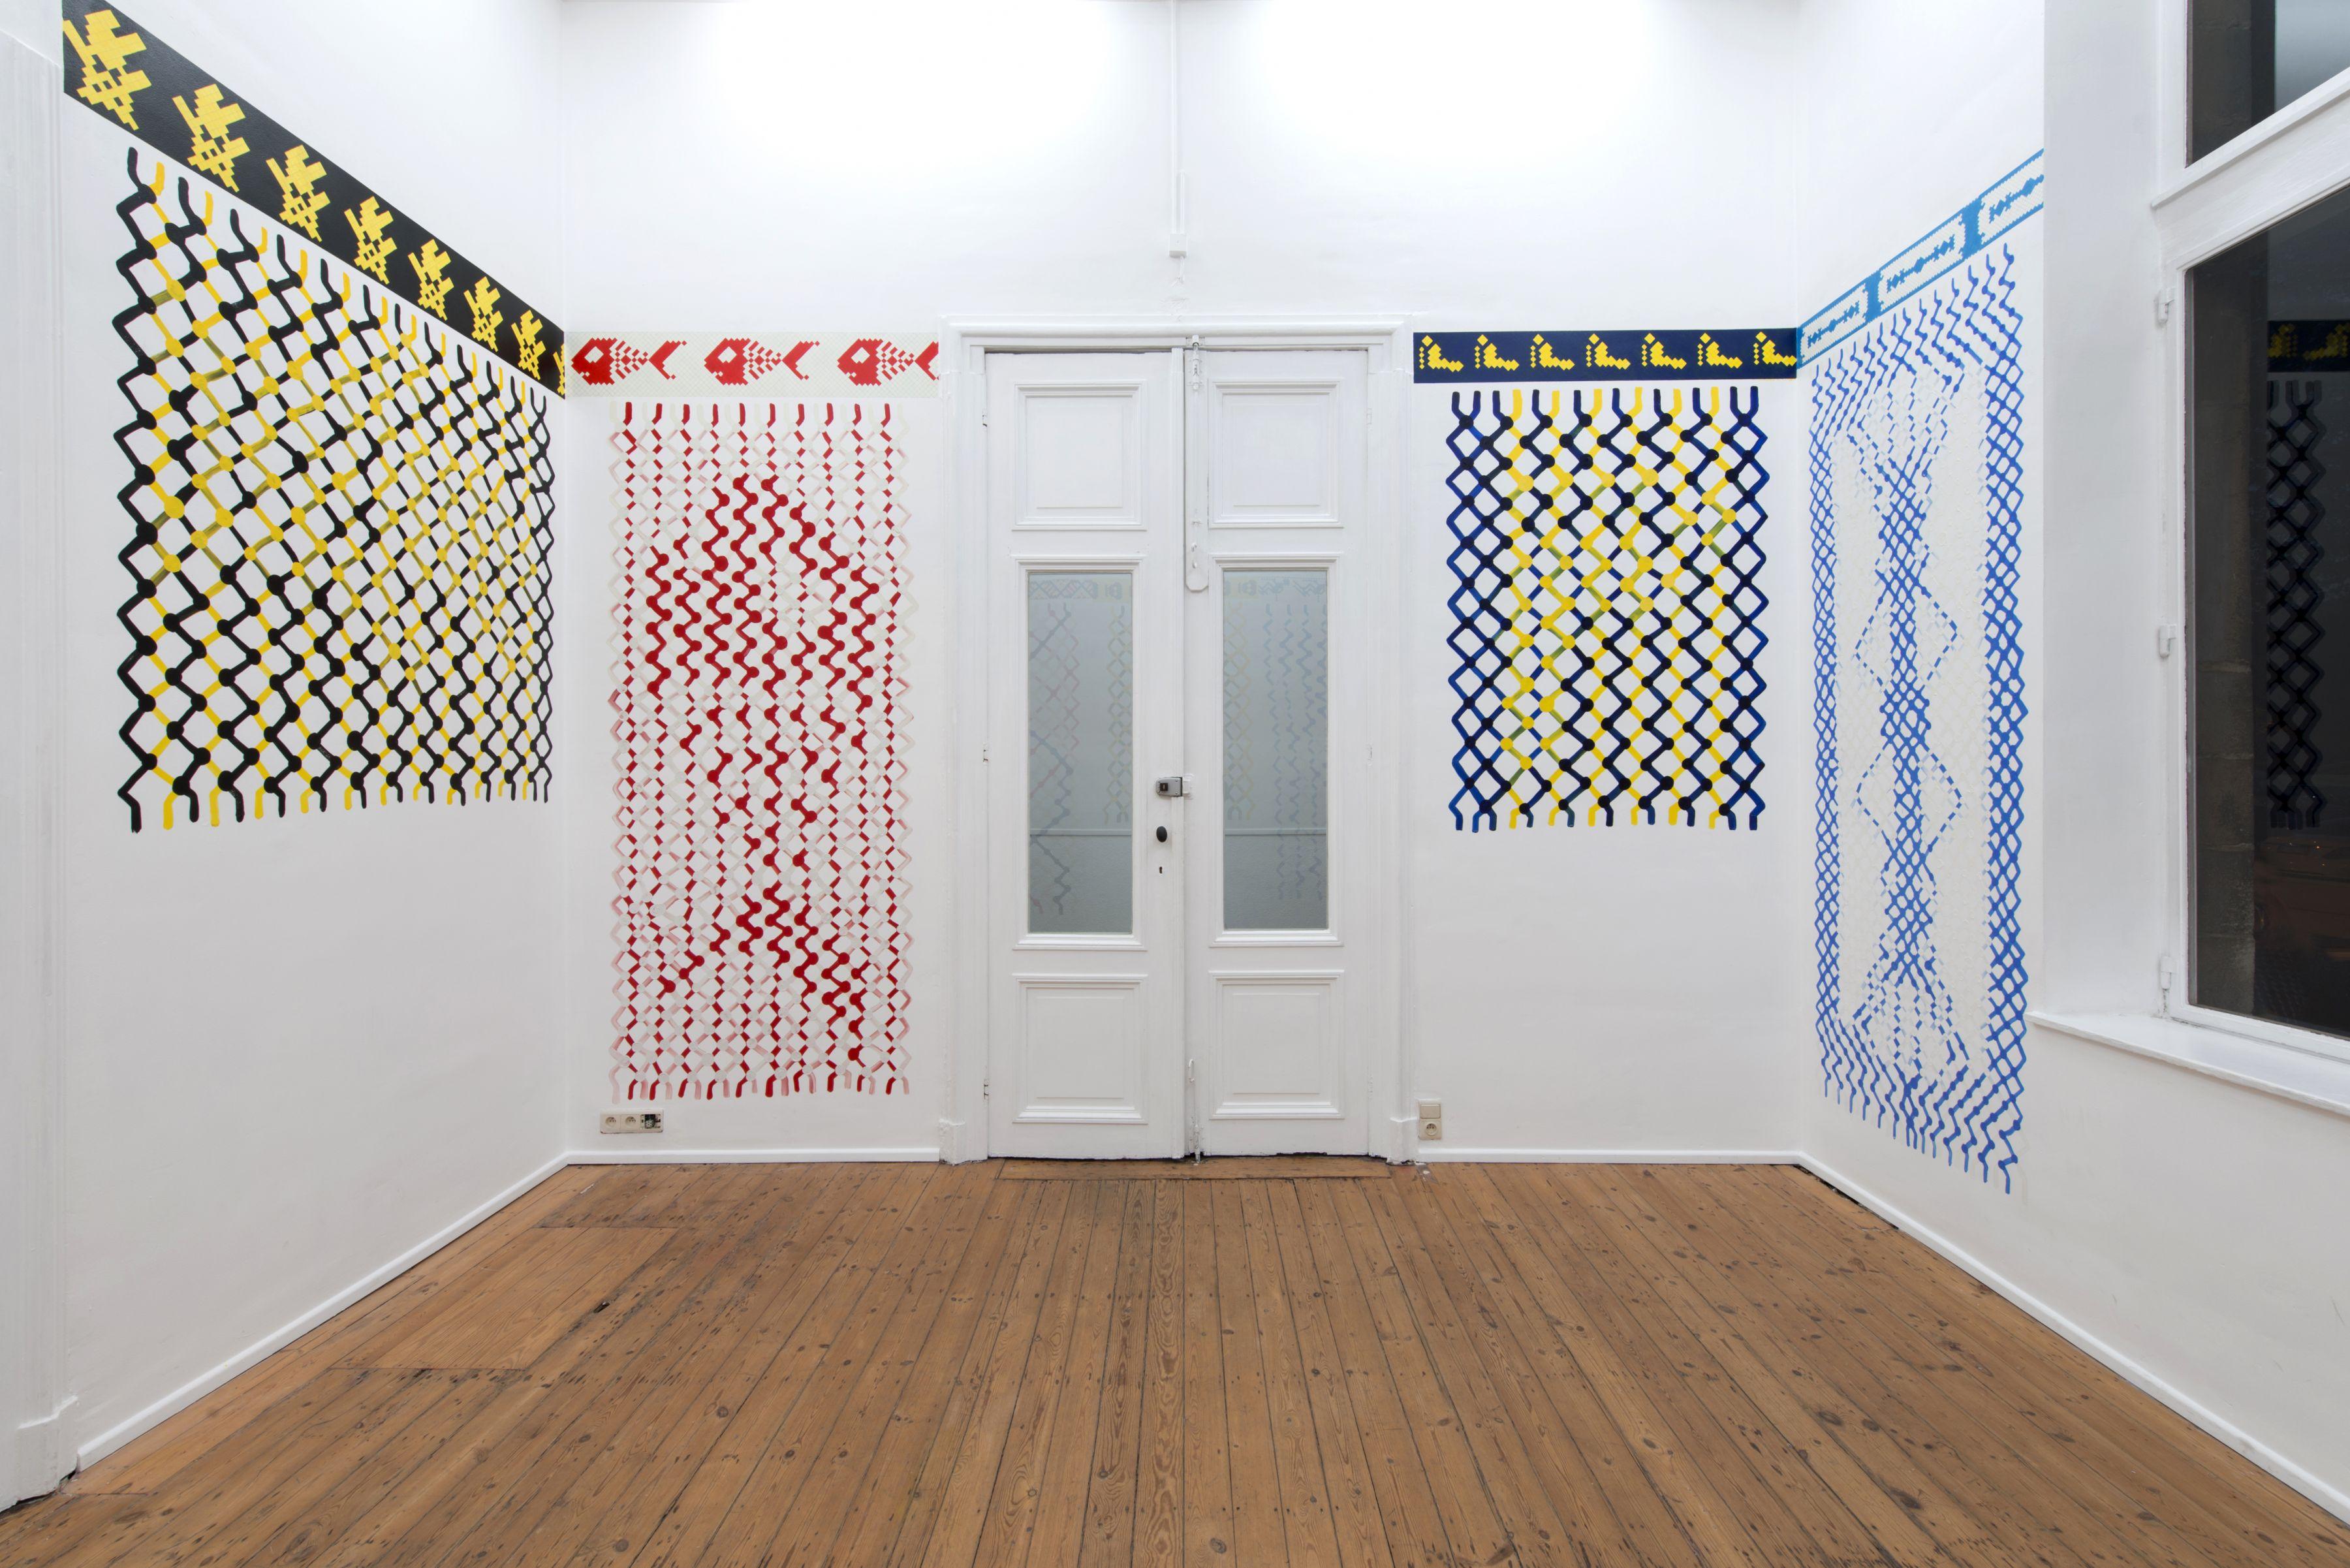 Ken Verhoeven, Friendship Paintings, trampoline, Antwerp, 2018.